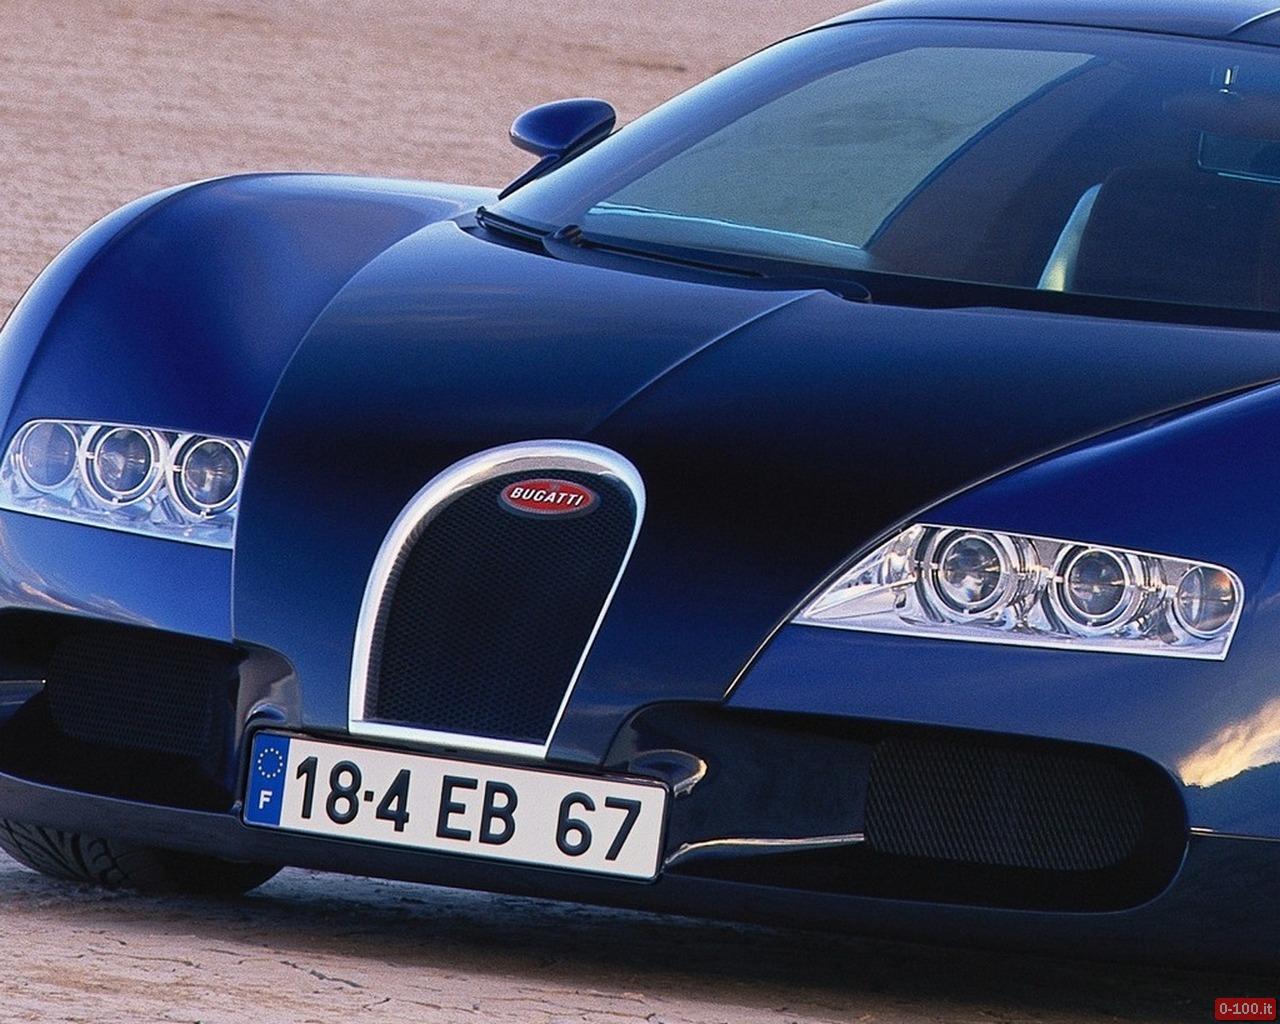 bugatti-eb-18-4-veyron-tokio-1999-retromobile-2014-0-100_6